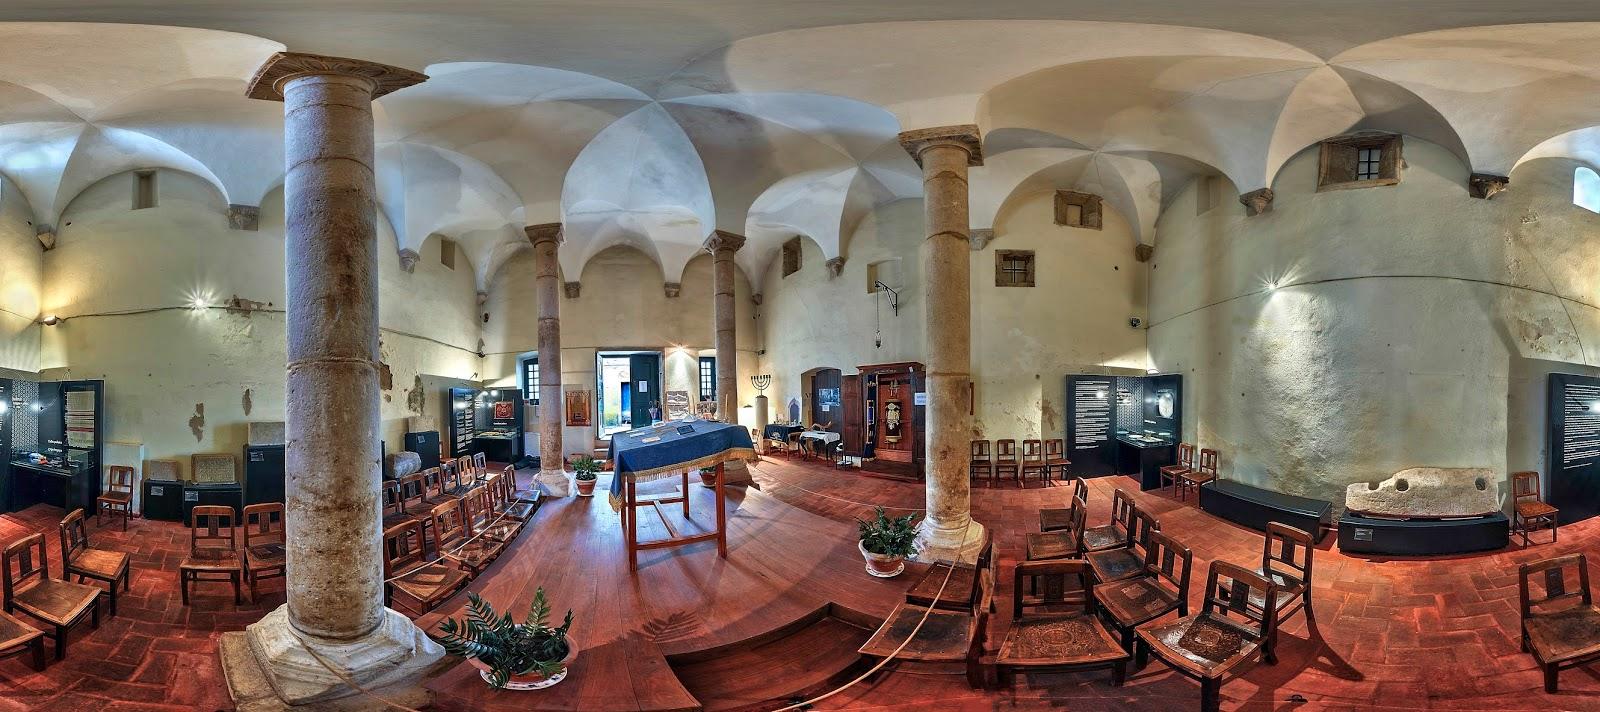 La synagogue de Tomar est un musée où vous serez accueilli de manière bienveillante